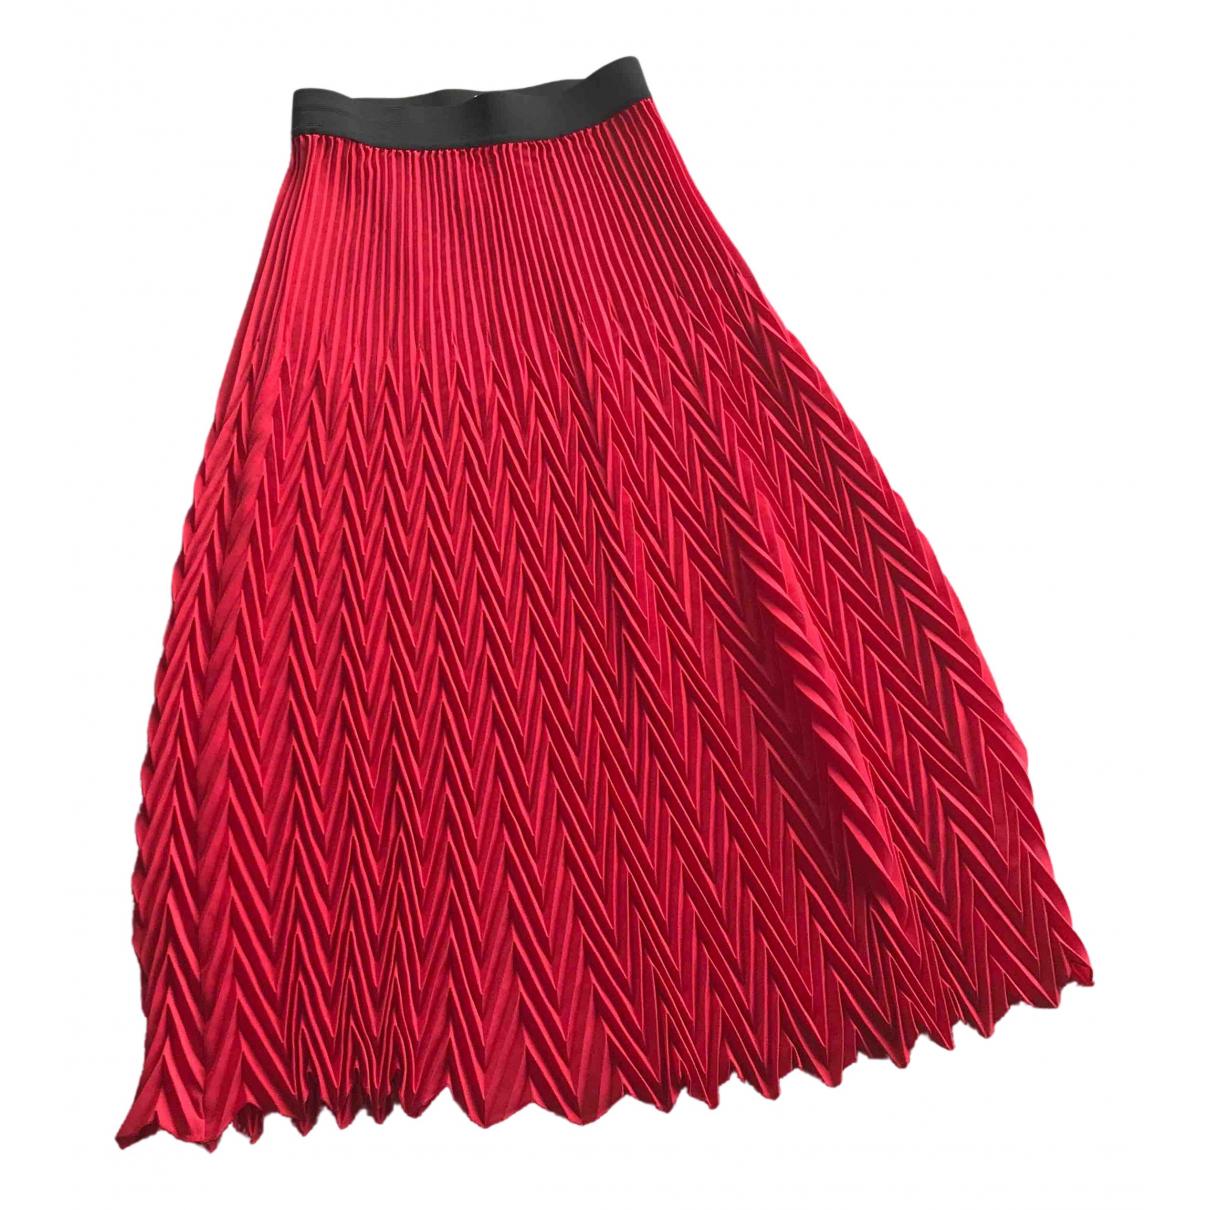 Maje N Red skirt for Women 1 0-5